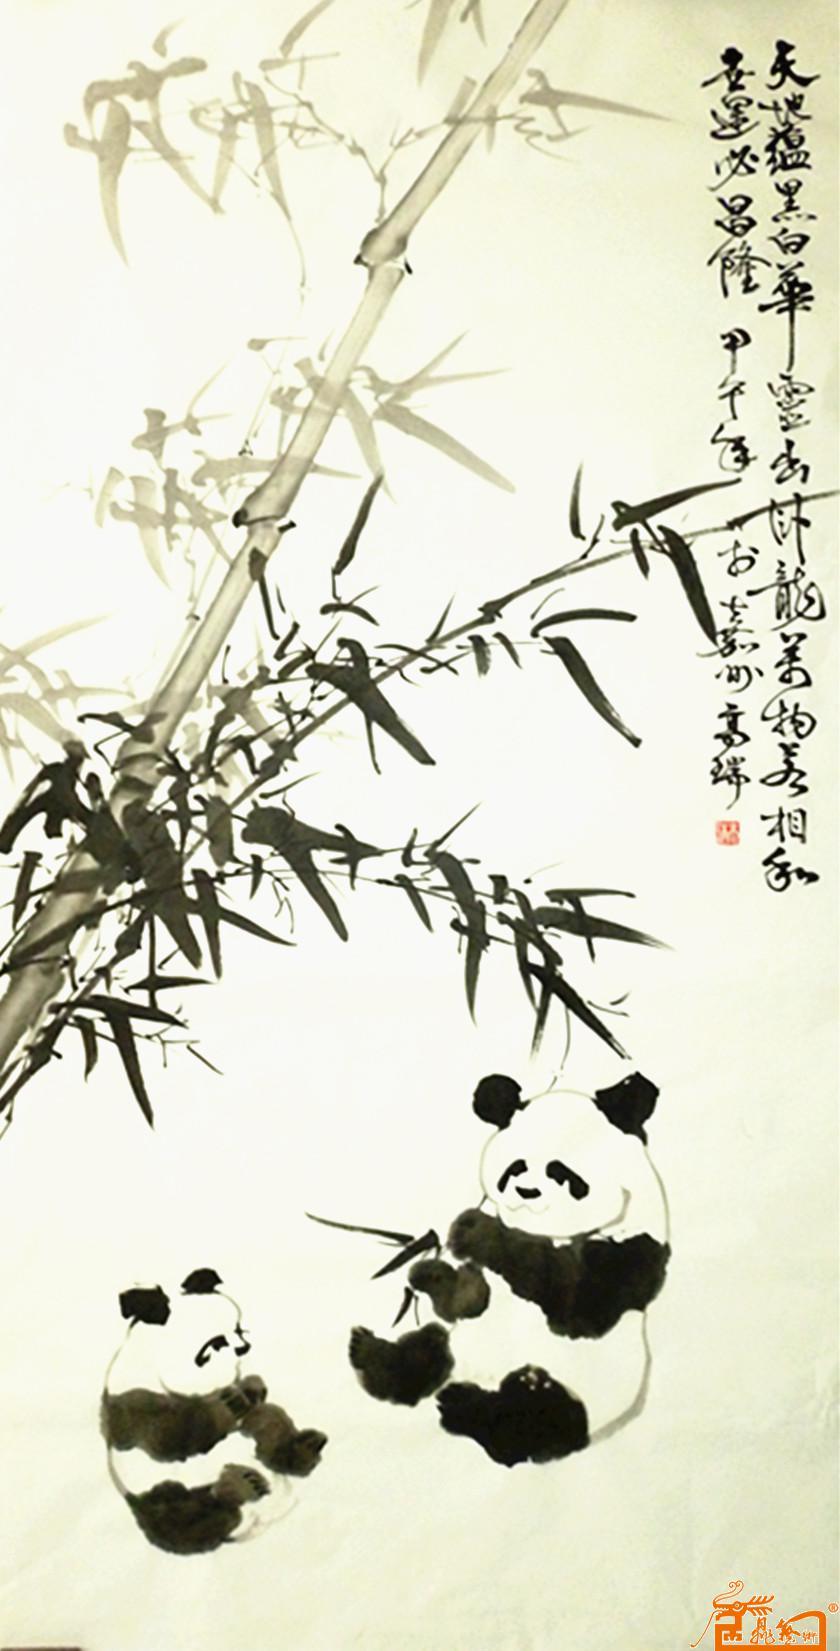 赞扬松树的诗句